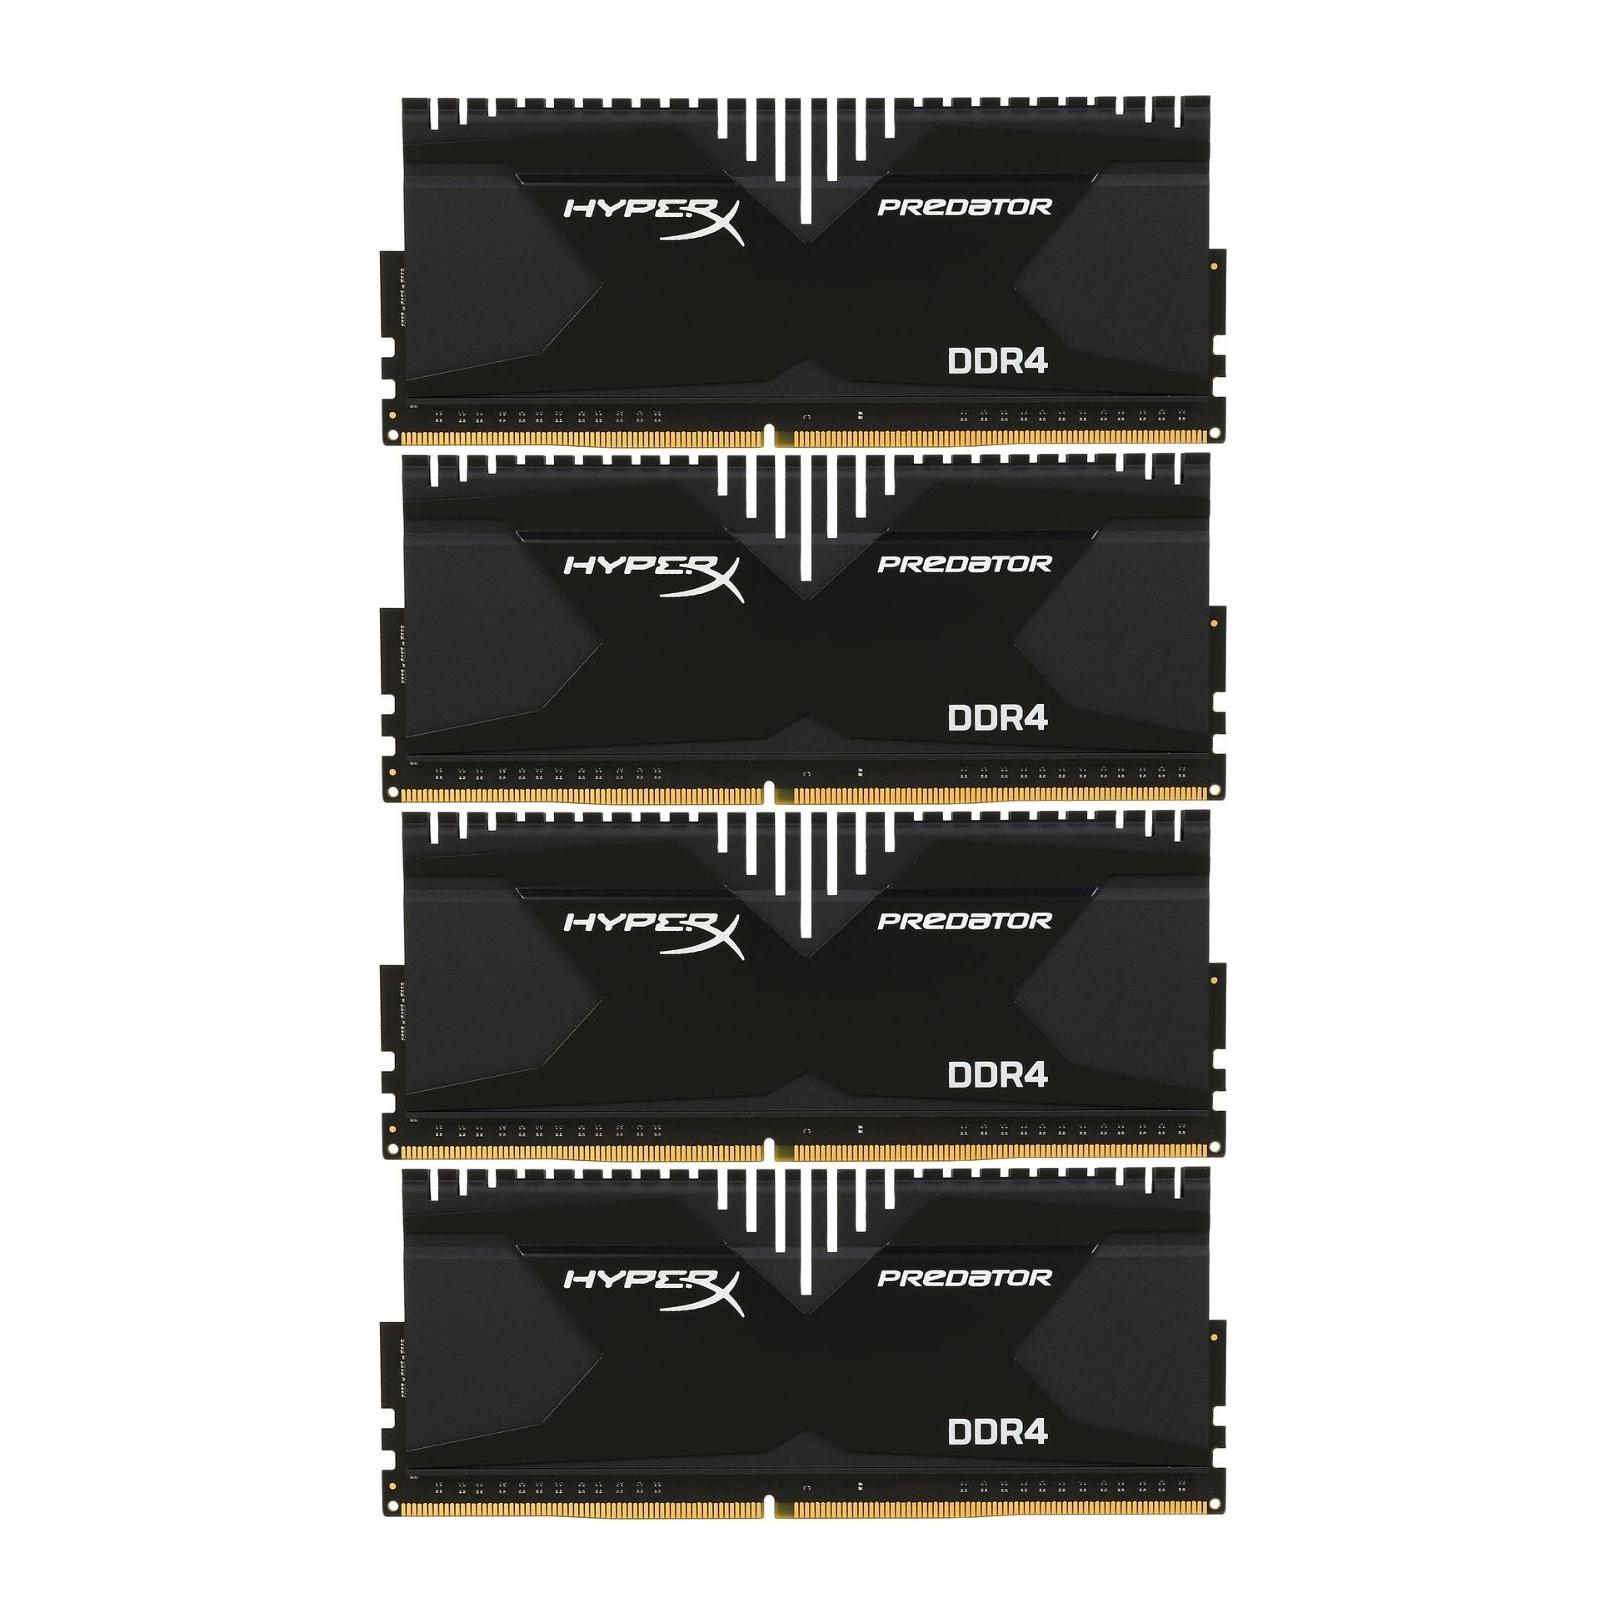 Модуль памяти для компьютера DDR4 32GB (4x8GB) 3000 MHz HyperX Predator Kingston (HX430C15PBK4/32)